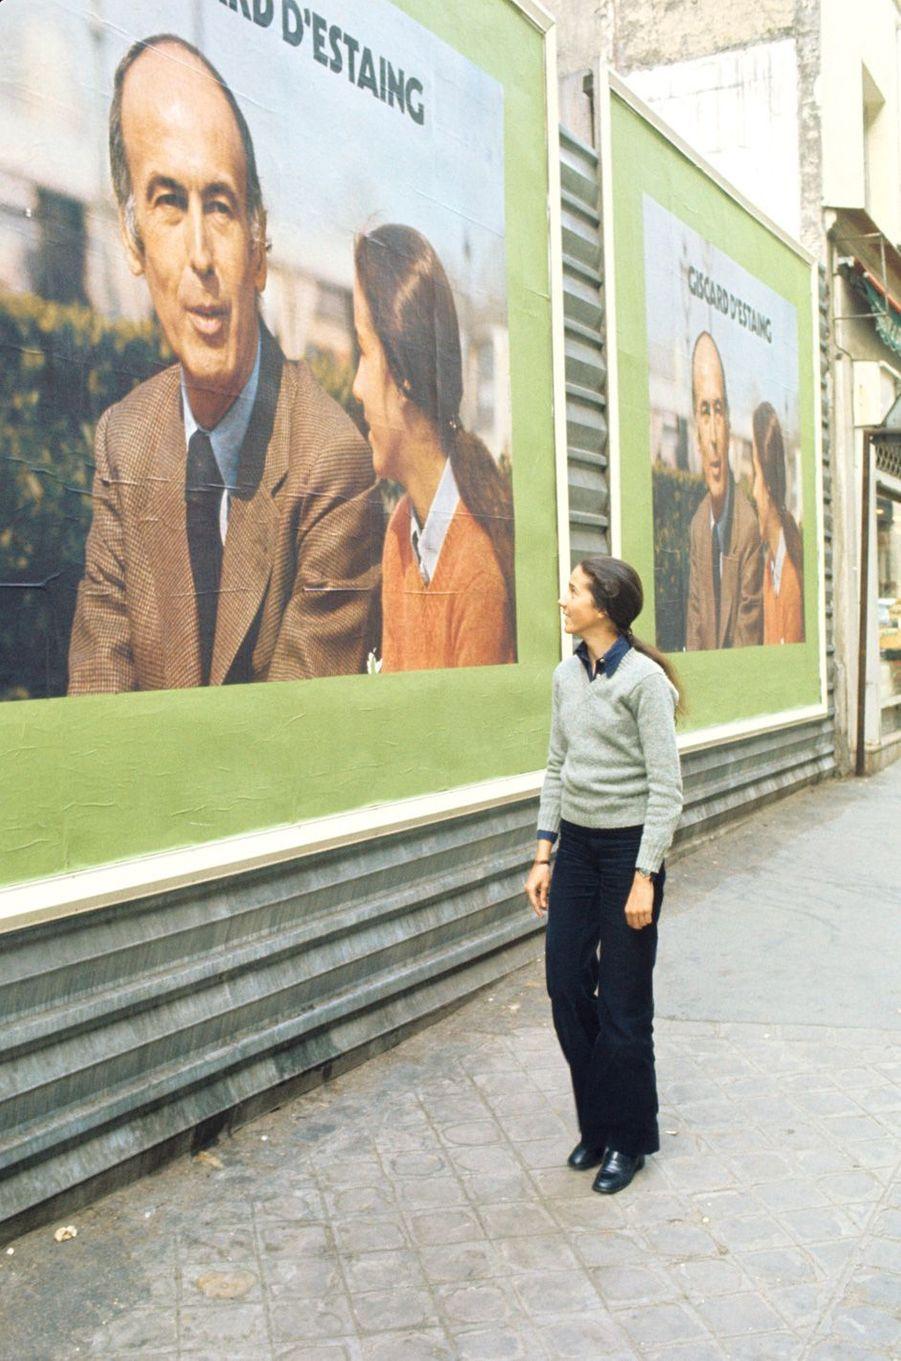 Jacinte Giscard d'Estaing apparaît sur l'affiche de la campagne présidentielle de son père en 1974.